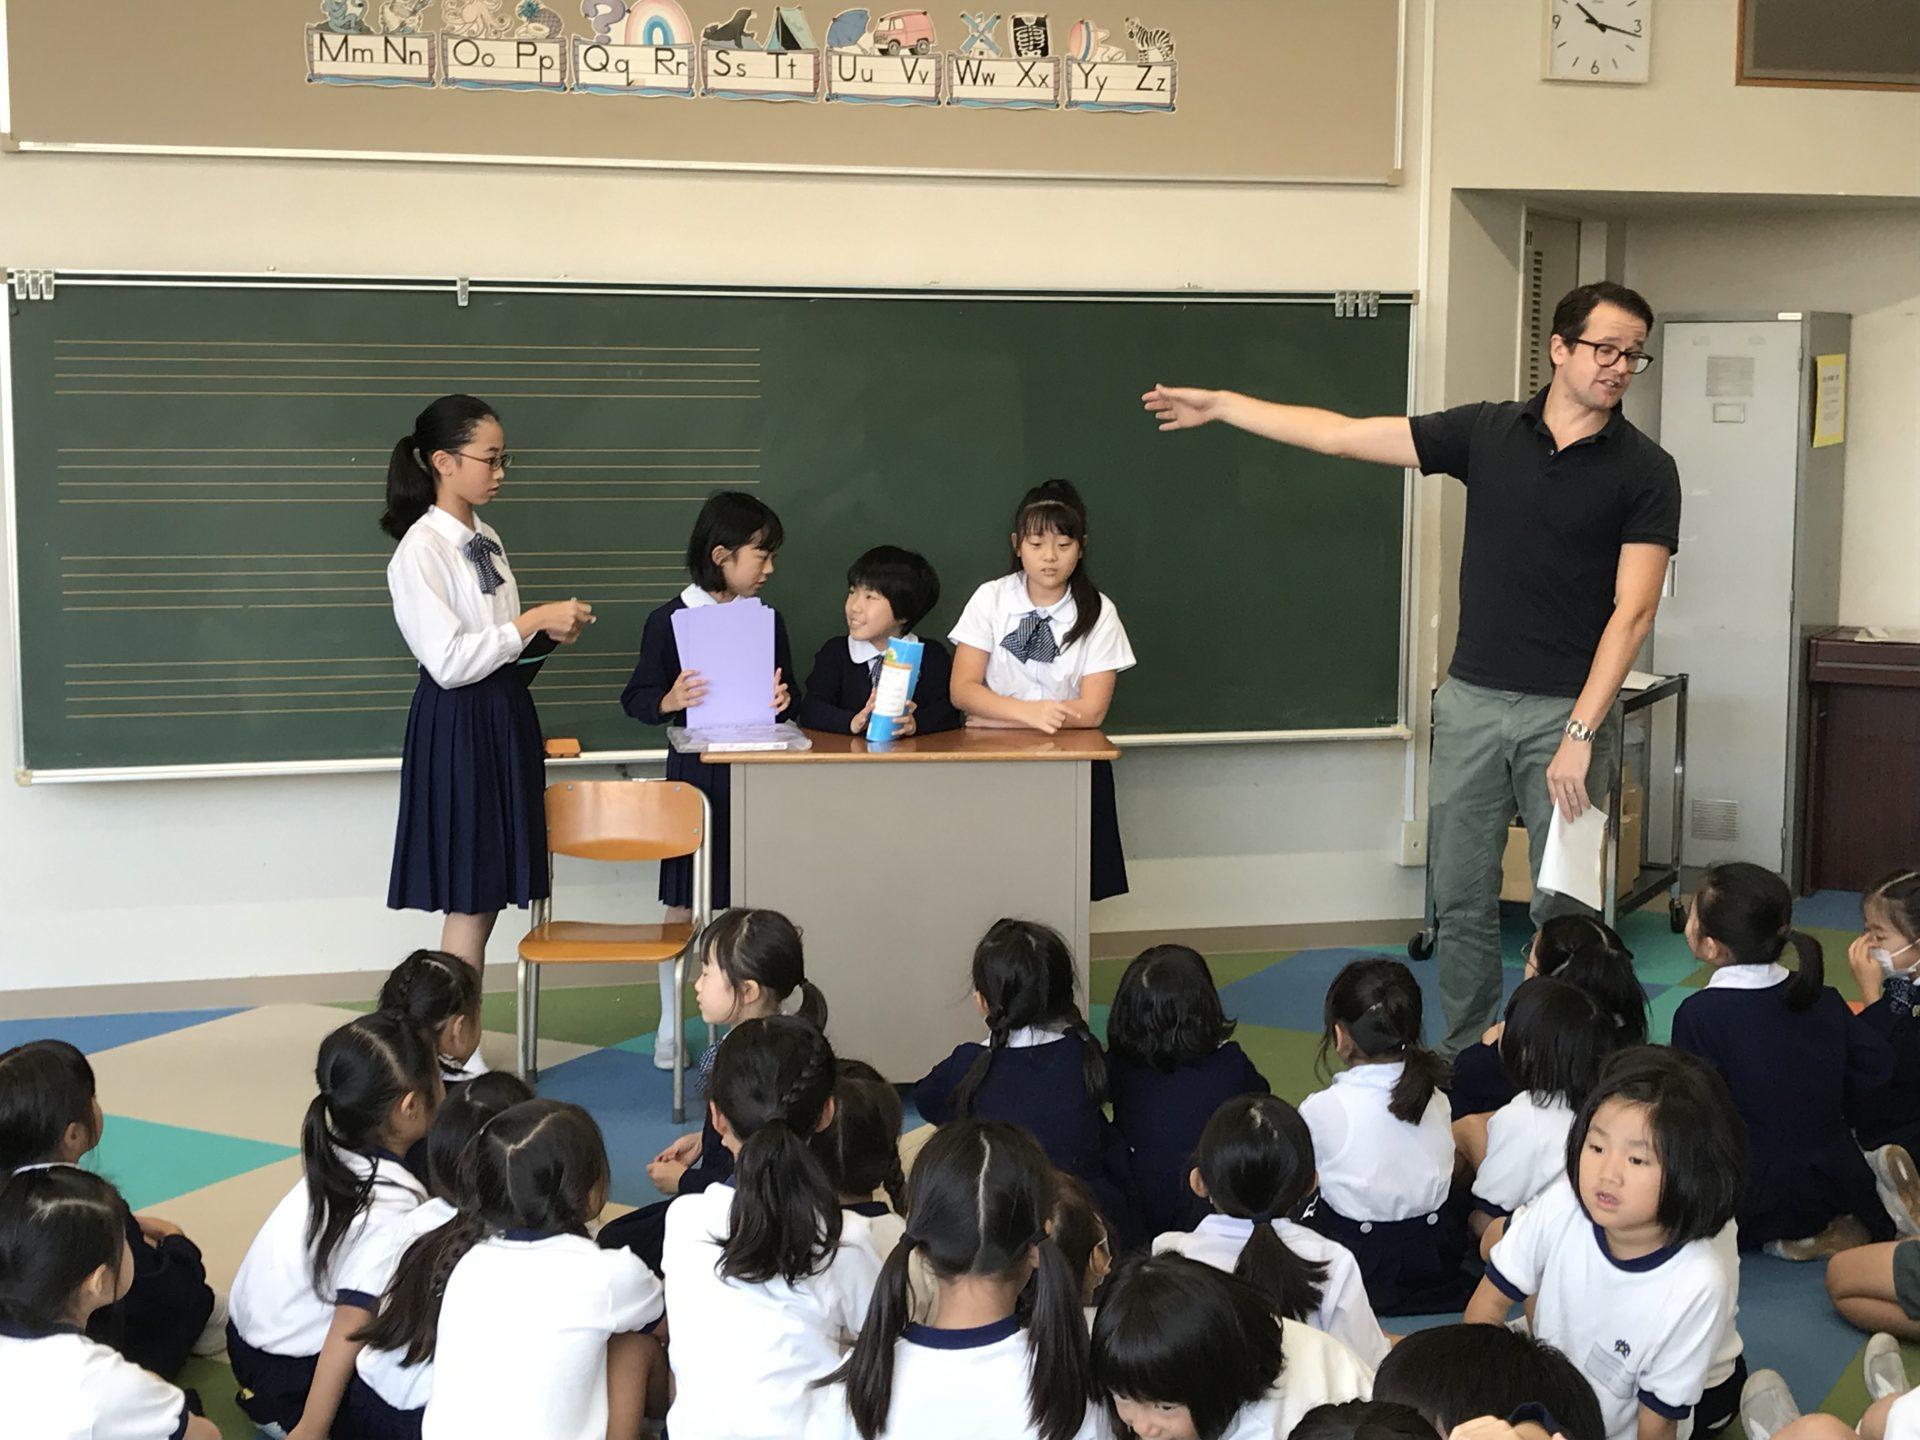 世界とつながるための英語力を磨く